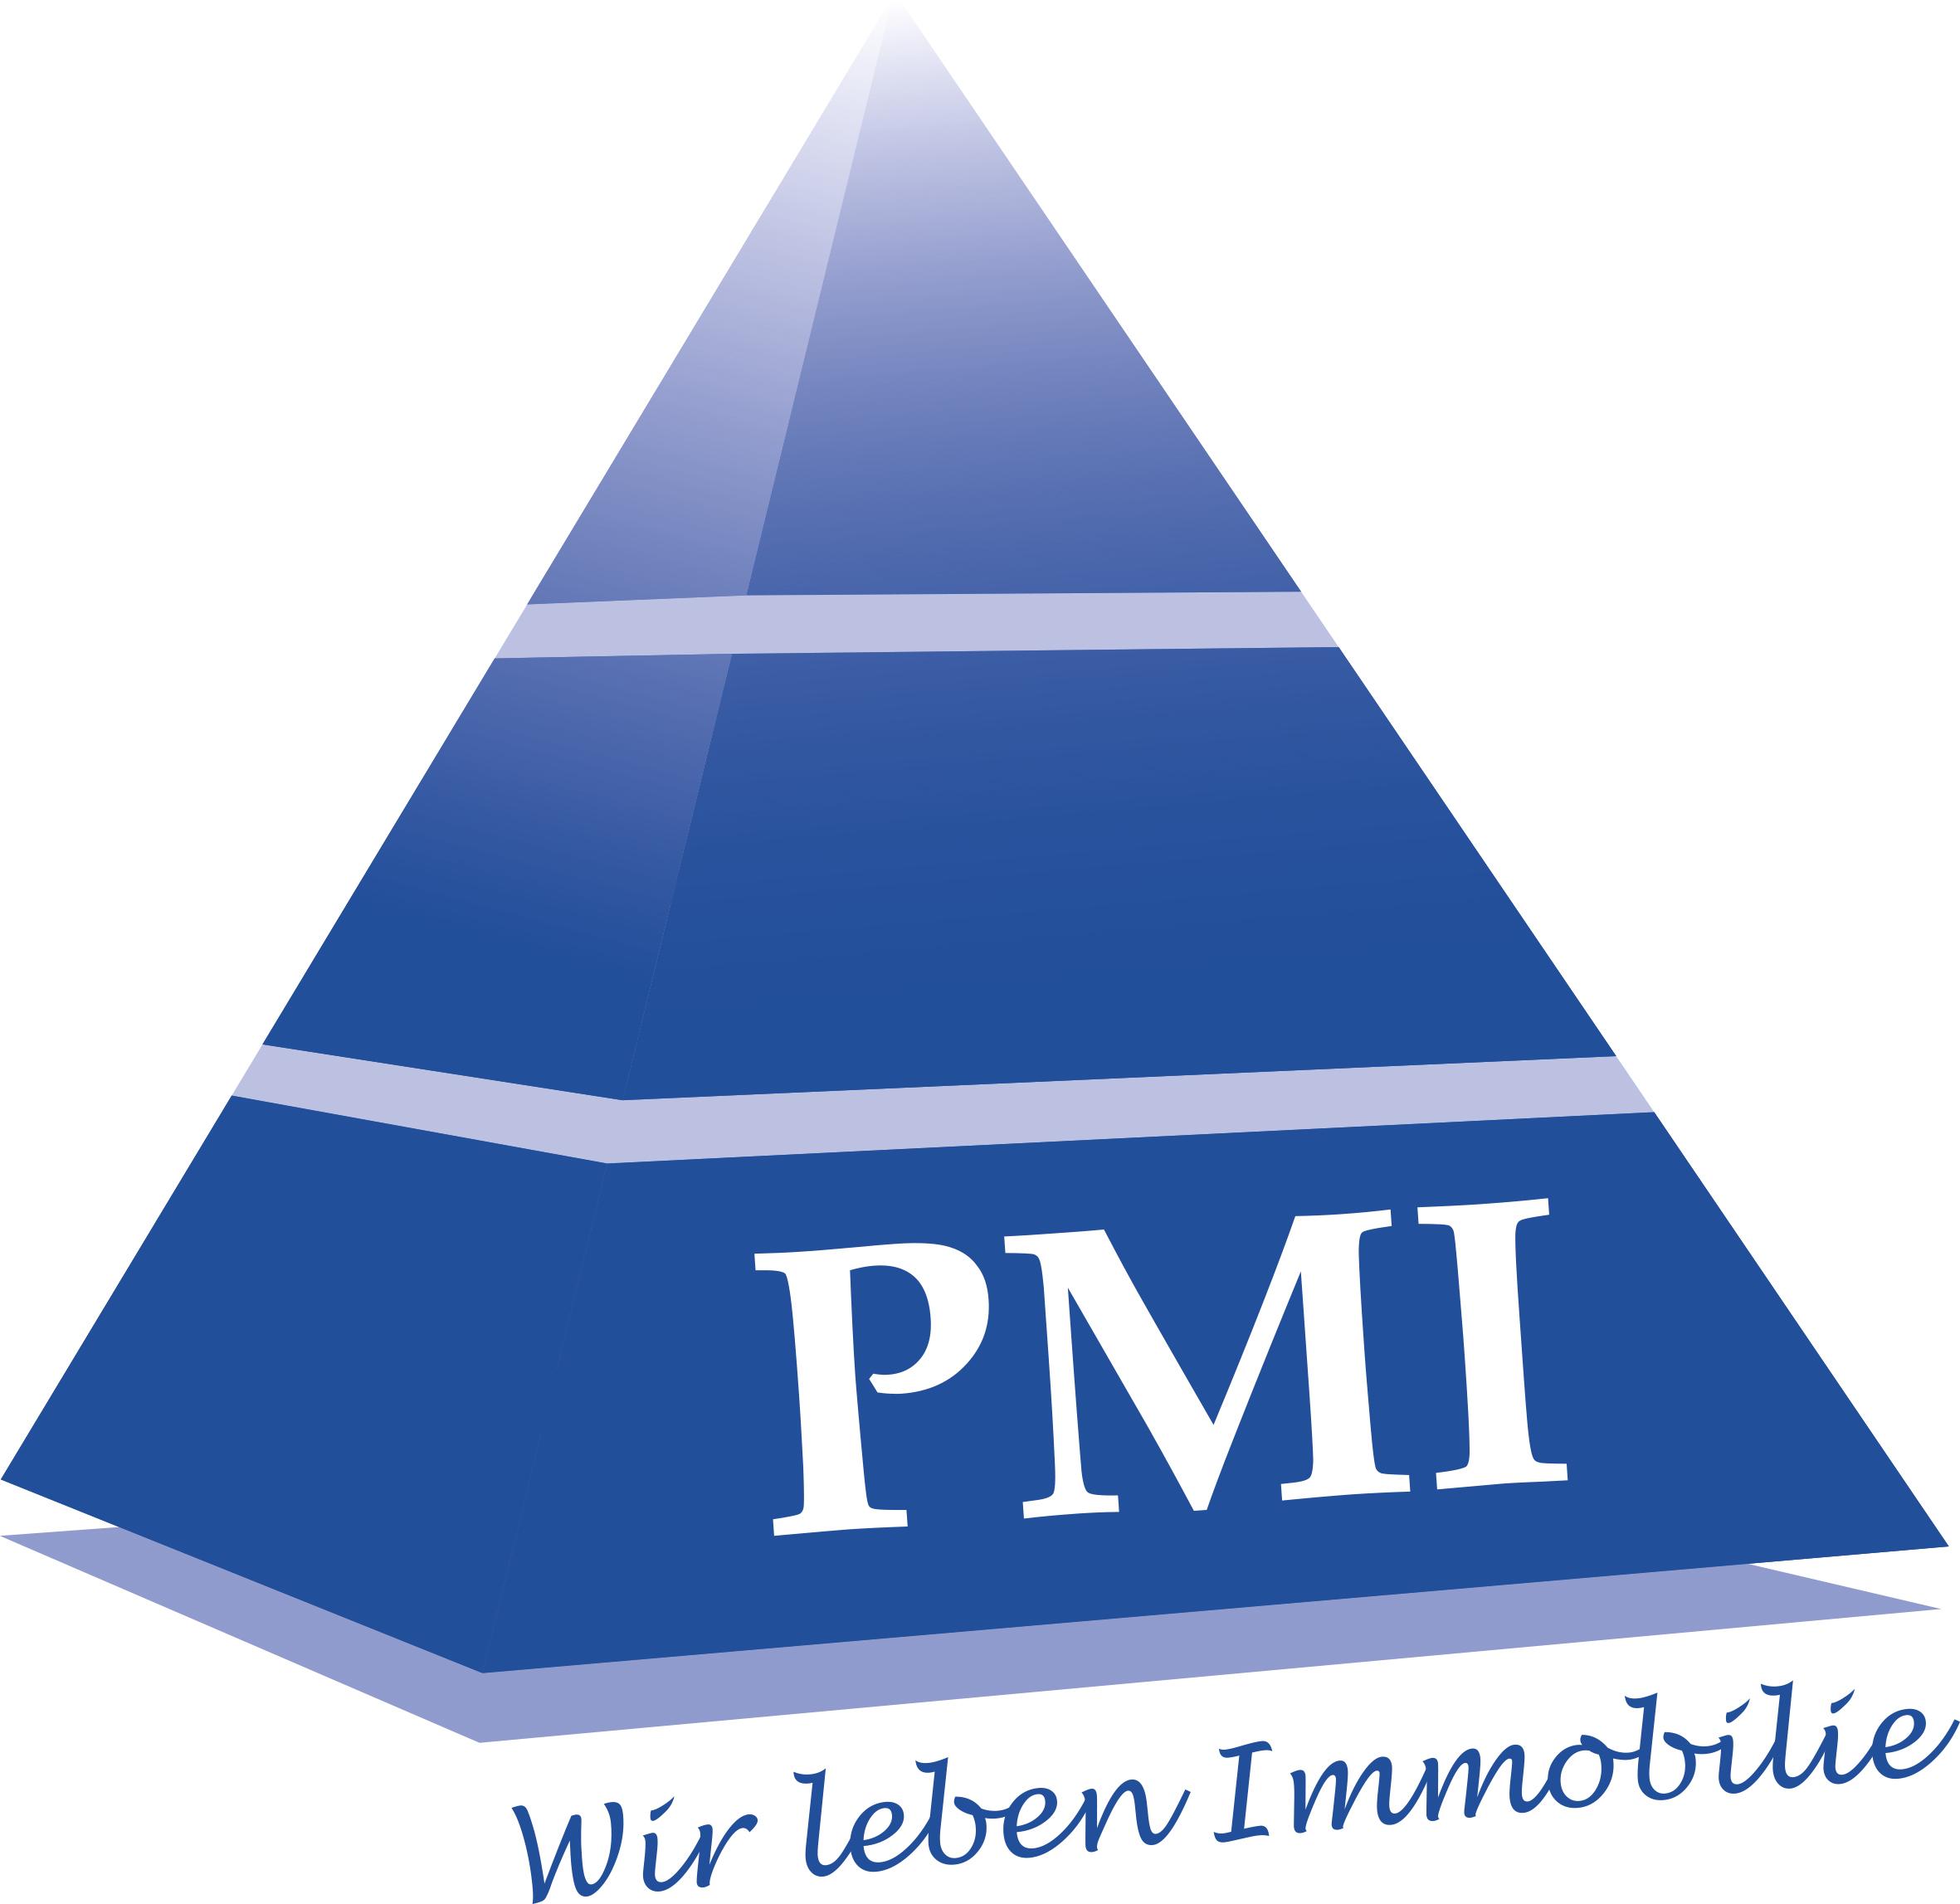 Hier sehen Sie das Logo von Jan Zurmöhle Partner von ProMak Immobilien Vermittlungs GmbH